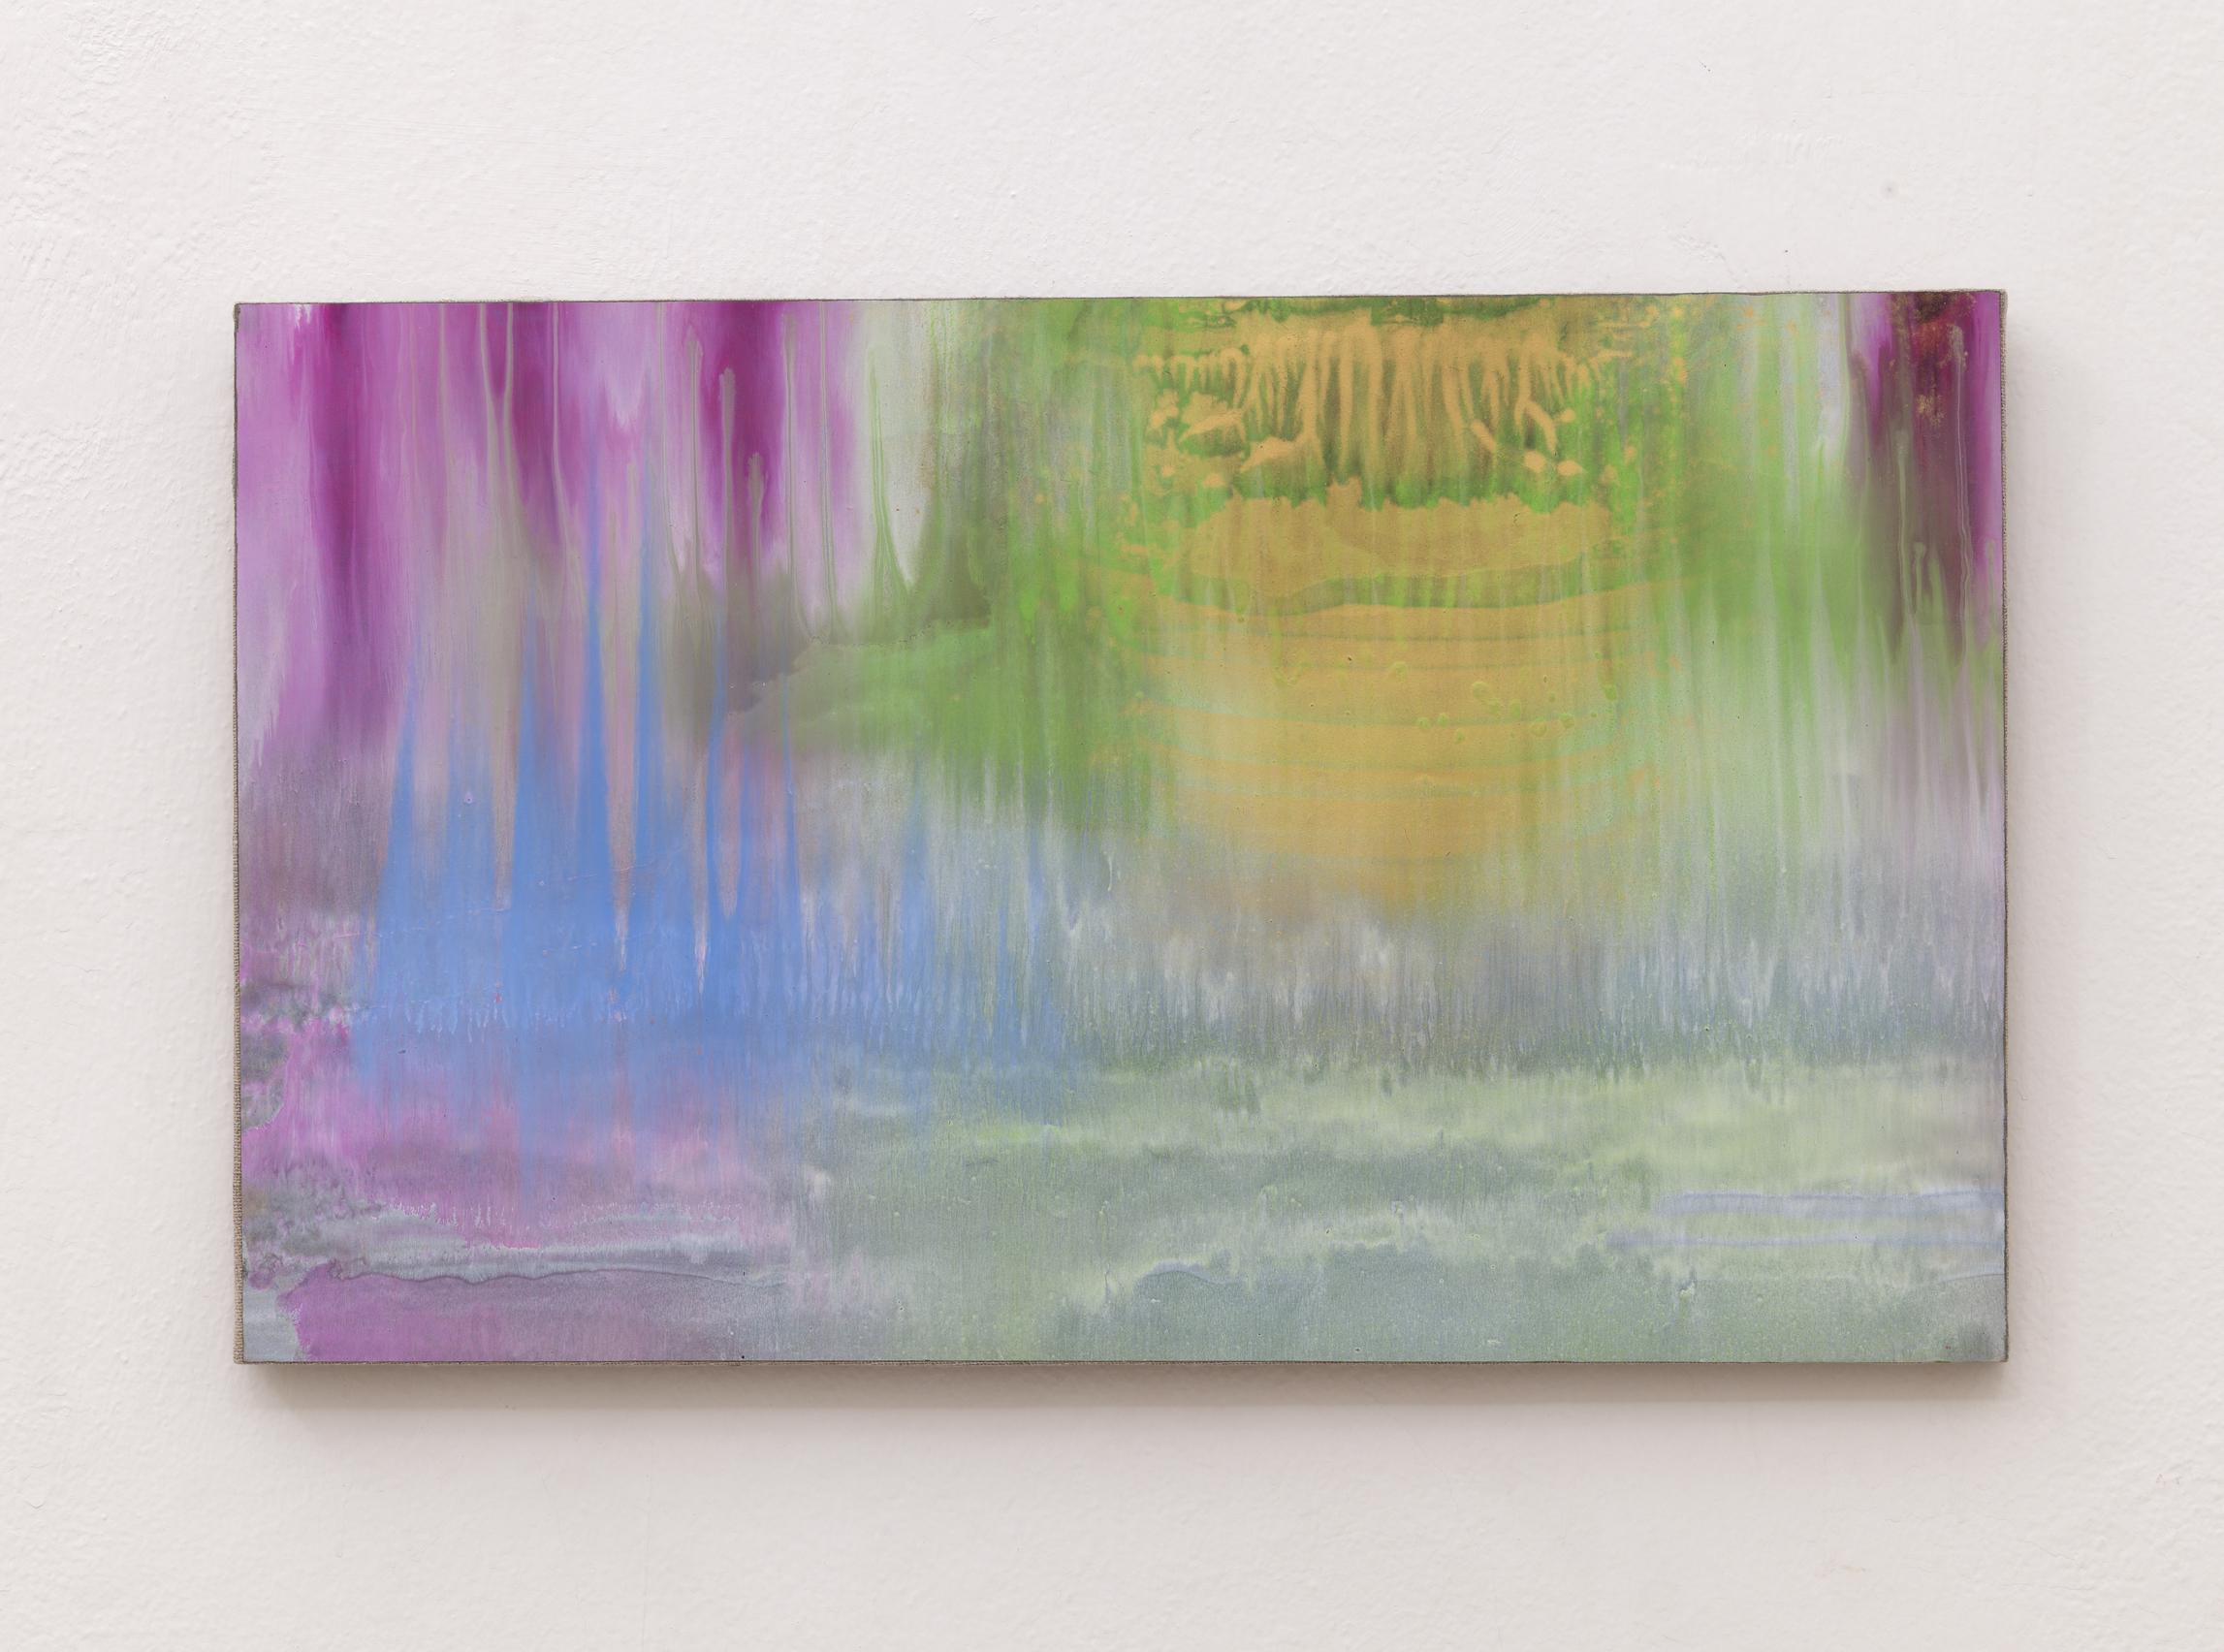 Matteo Montani, Sotto una nuova luce, 2014, olio e polvere d'ottone su carta abrasiva intelata, cm 36x60